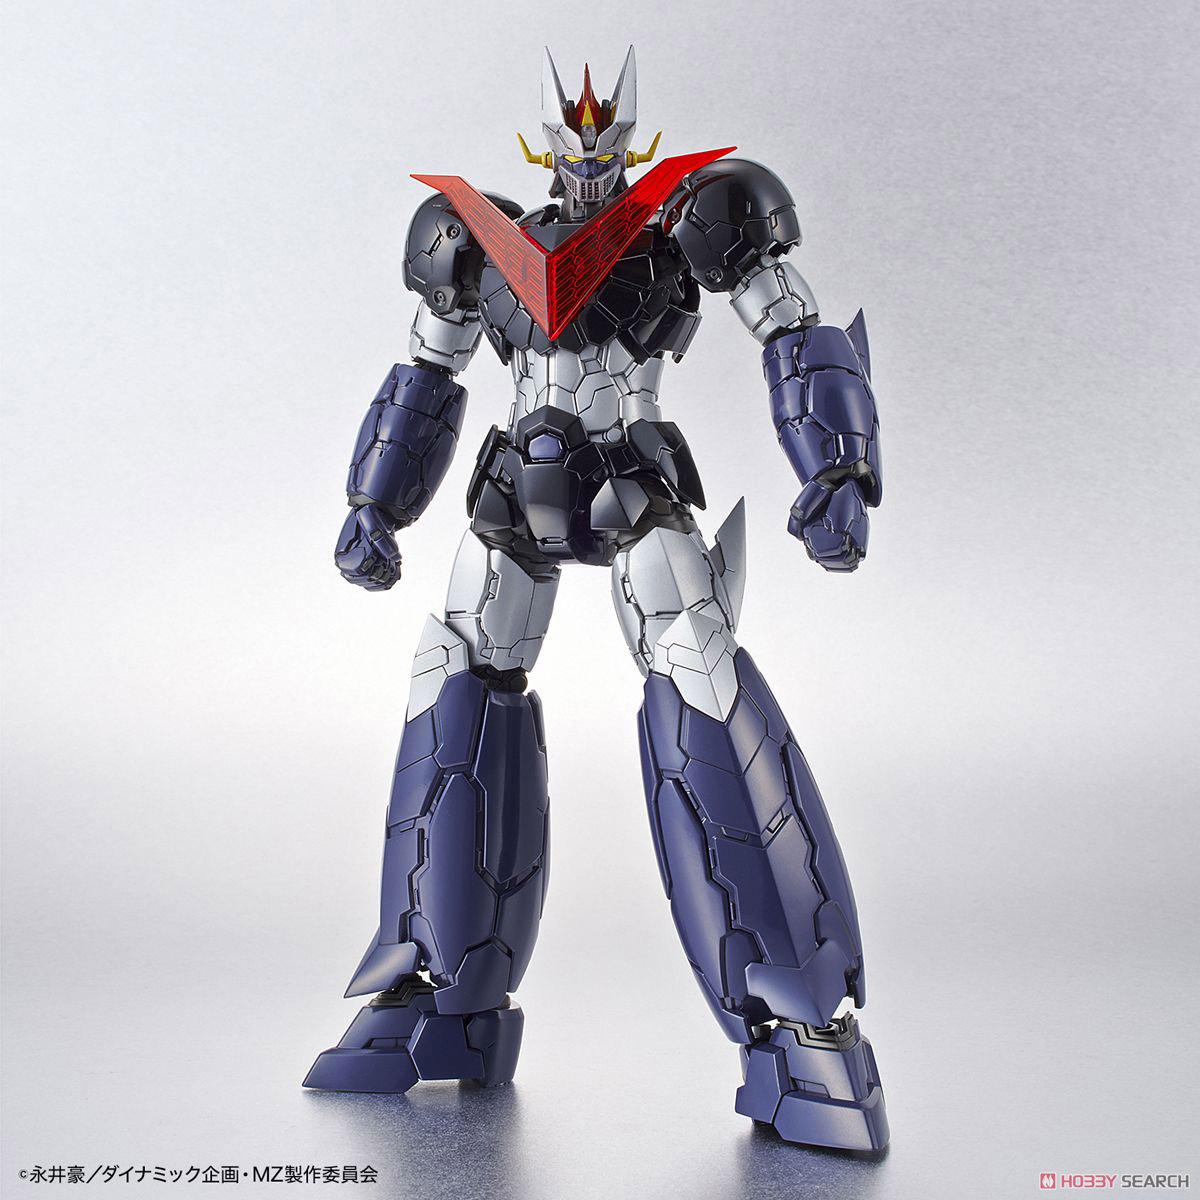 【再販】HG 1/144『グレートマジンガー(マジンガーZ INFINITY Ver.)』プラモデル-002